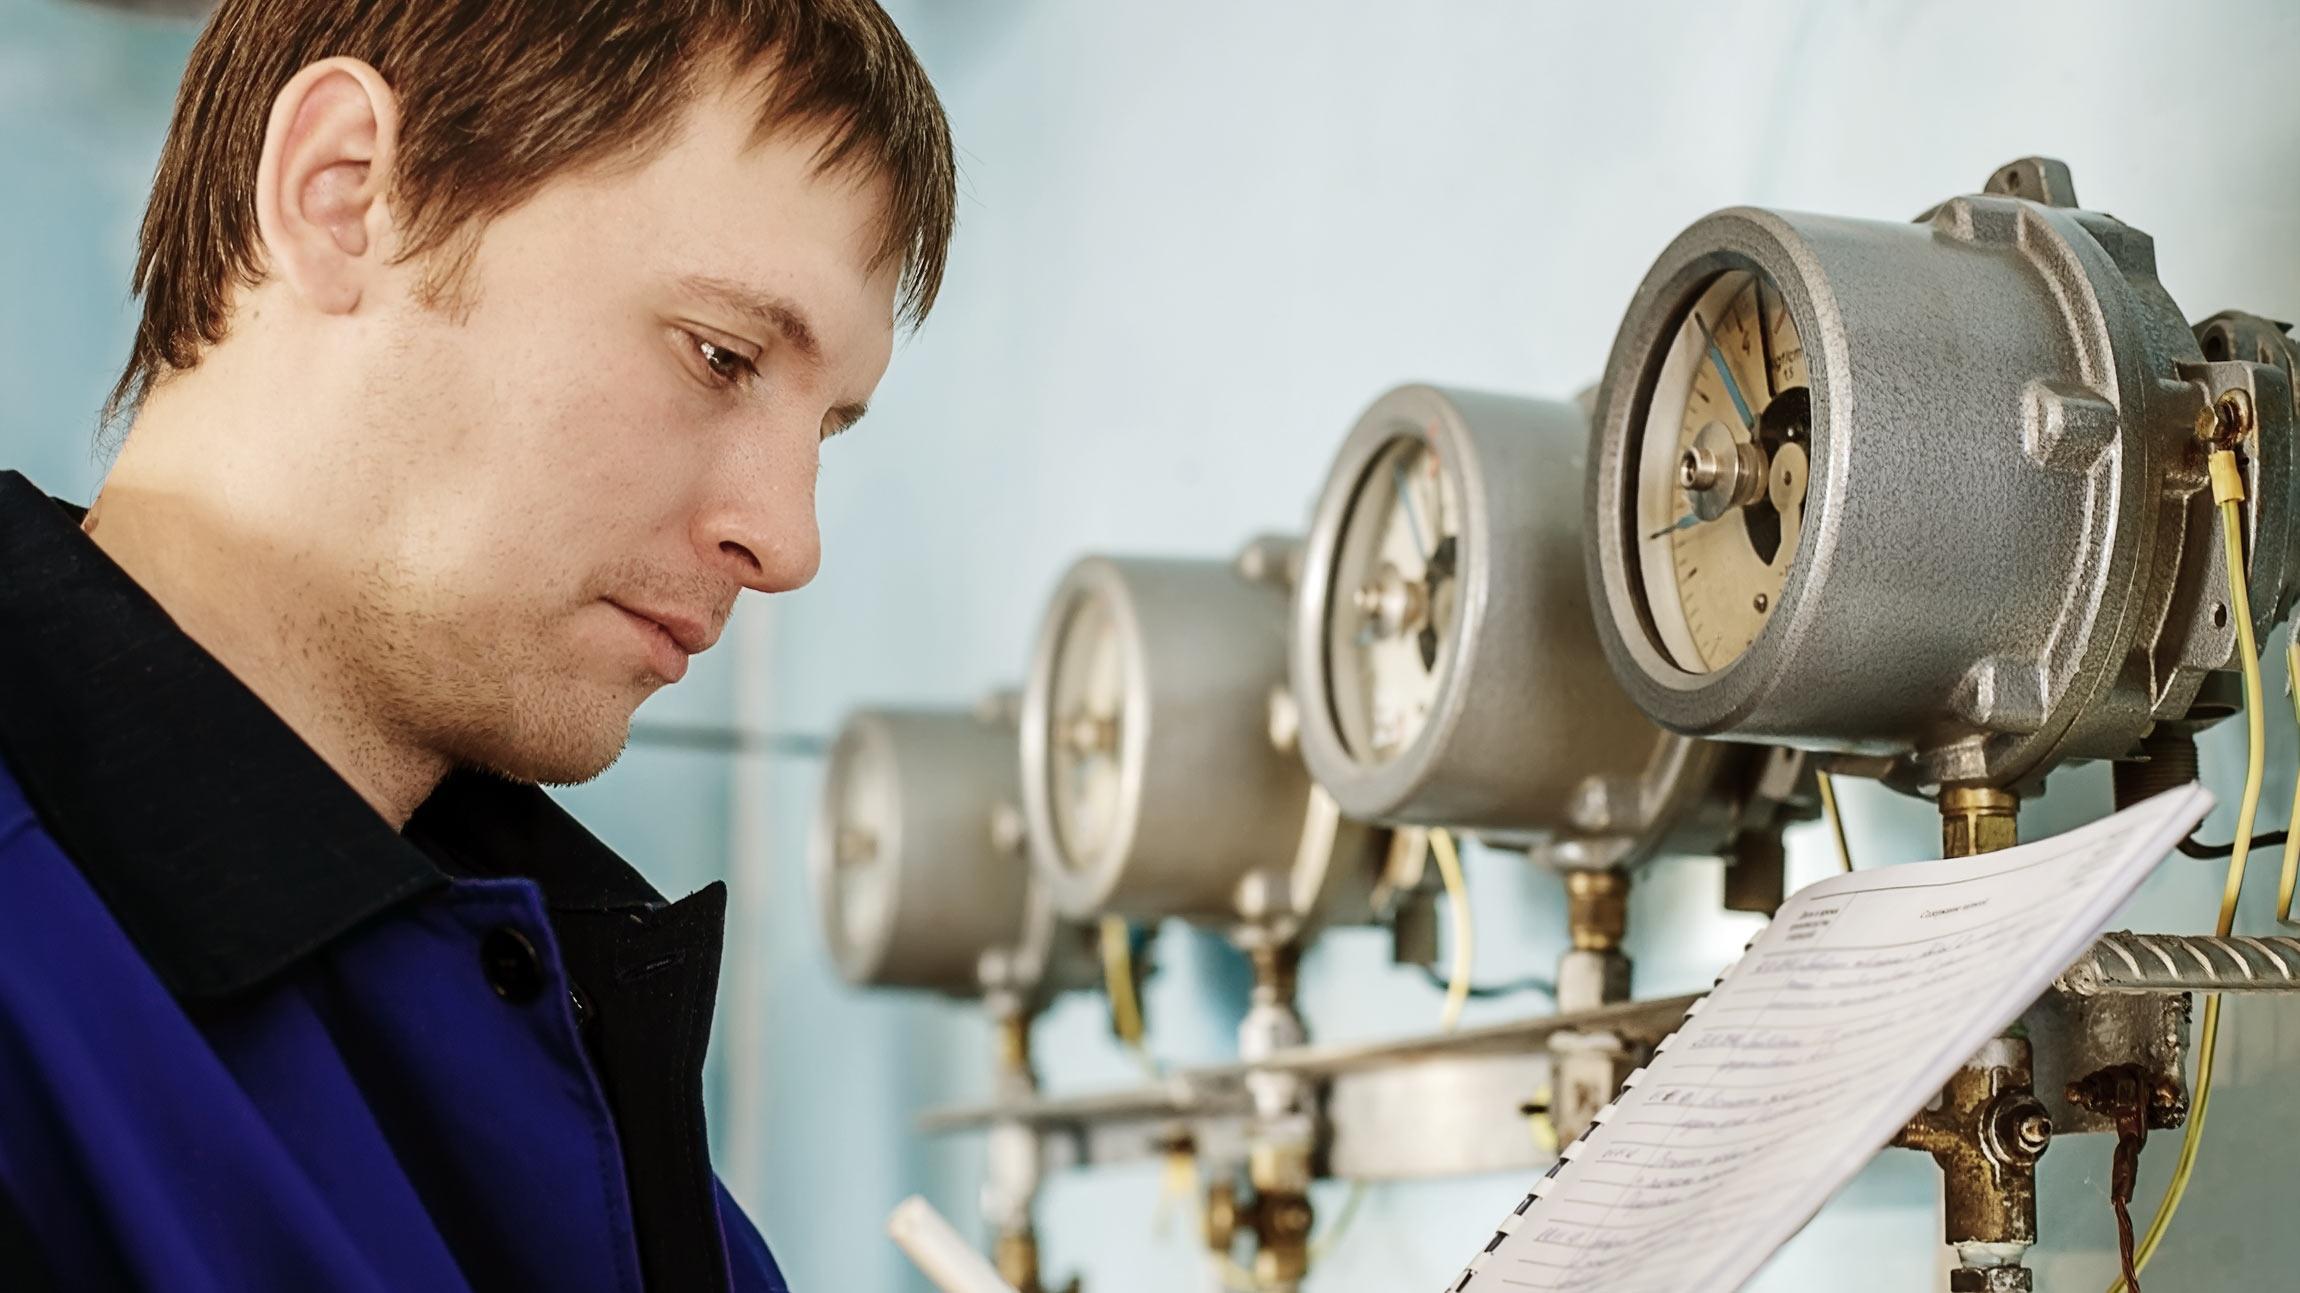 Sähkömittareiden, kaukolämpömittareiden ja kaukojäähdytyksen mittareiden asennus, ylläpito ja huolto